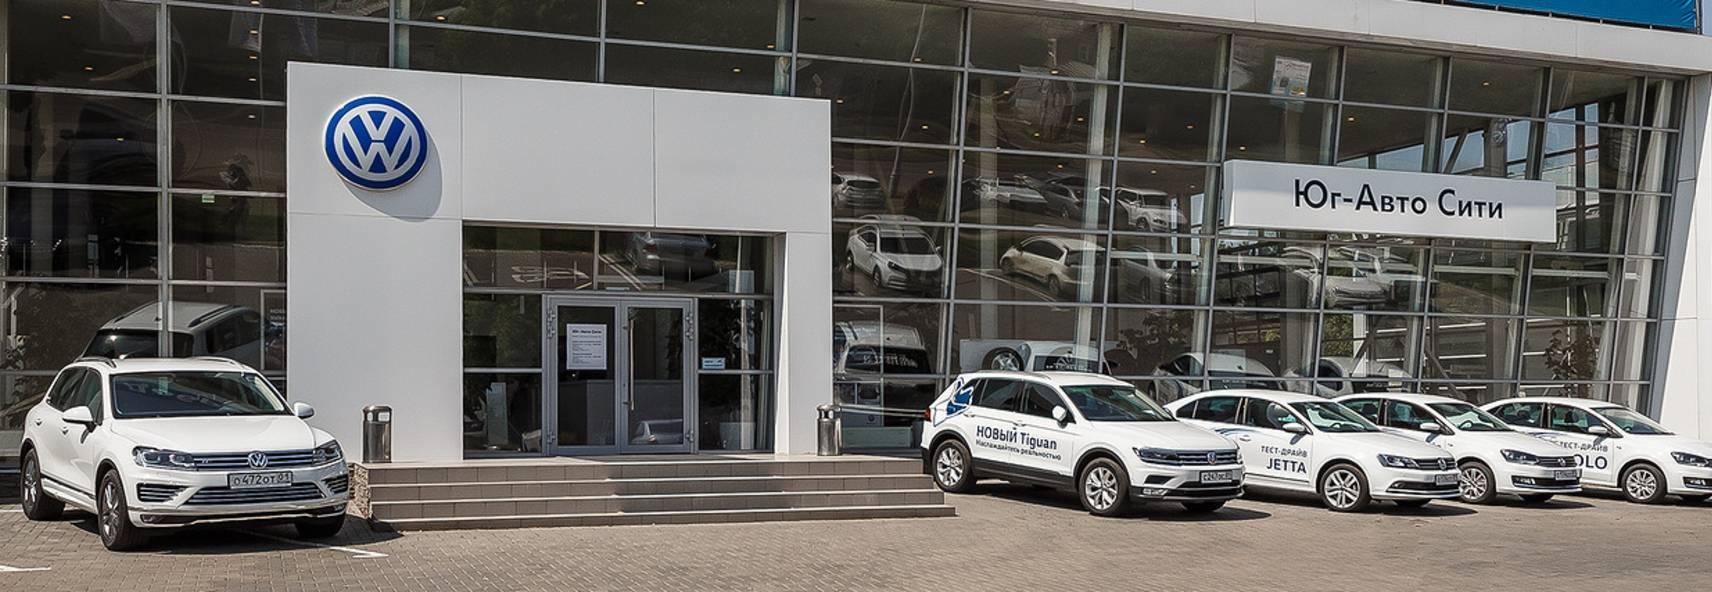 Volkswagen, Селезнева